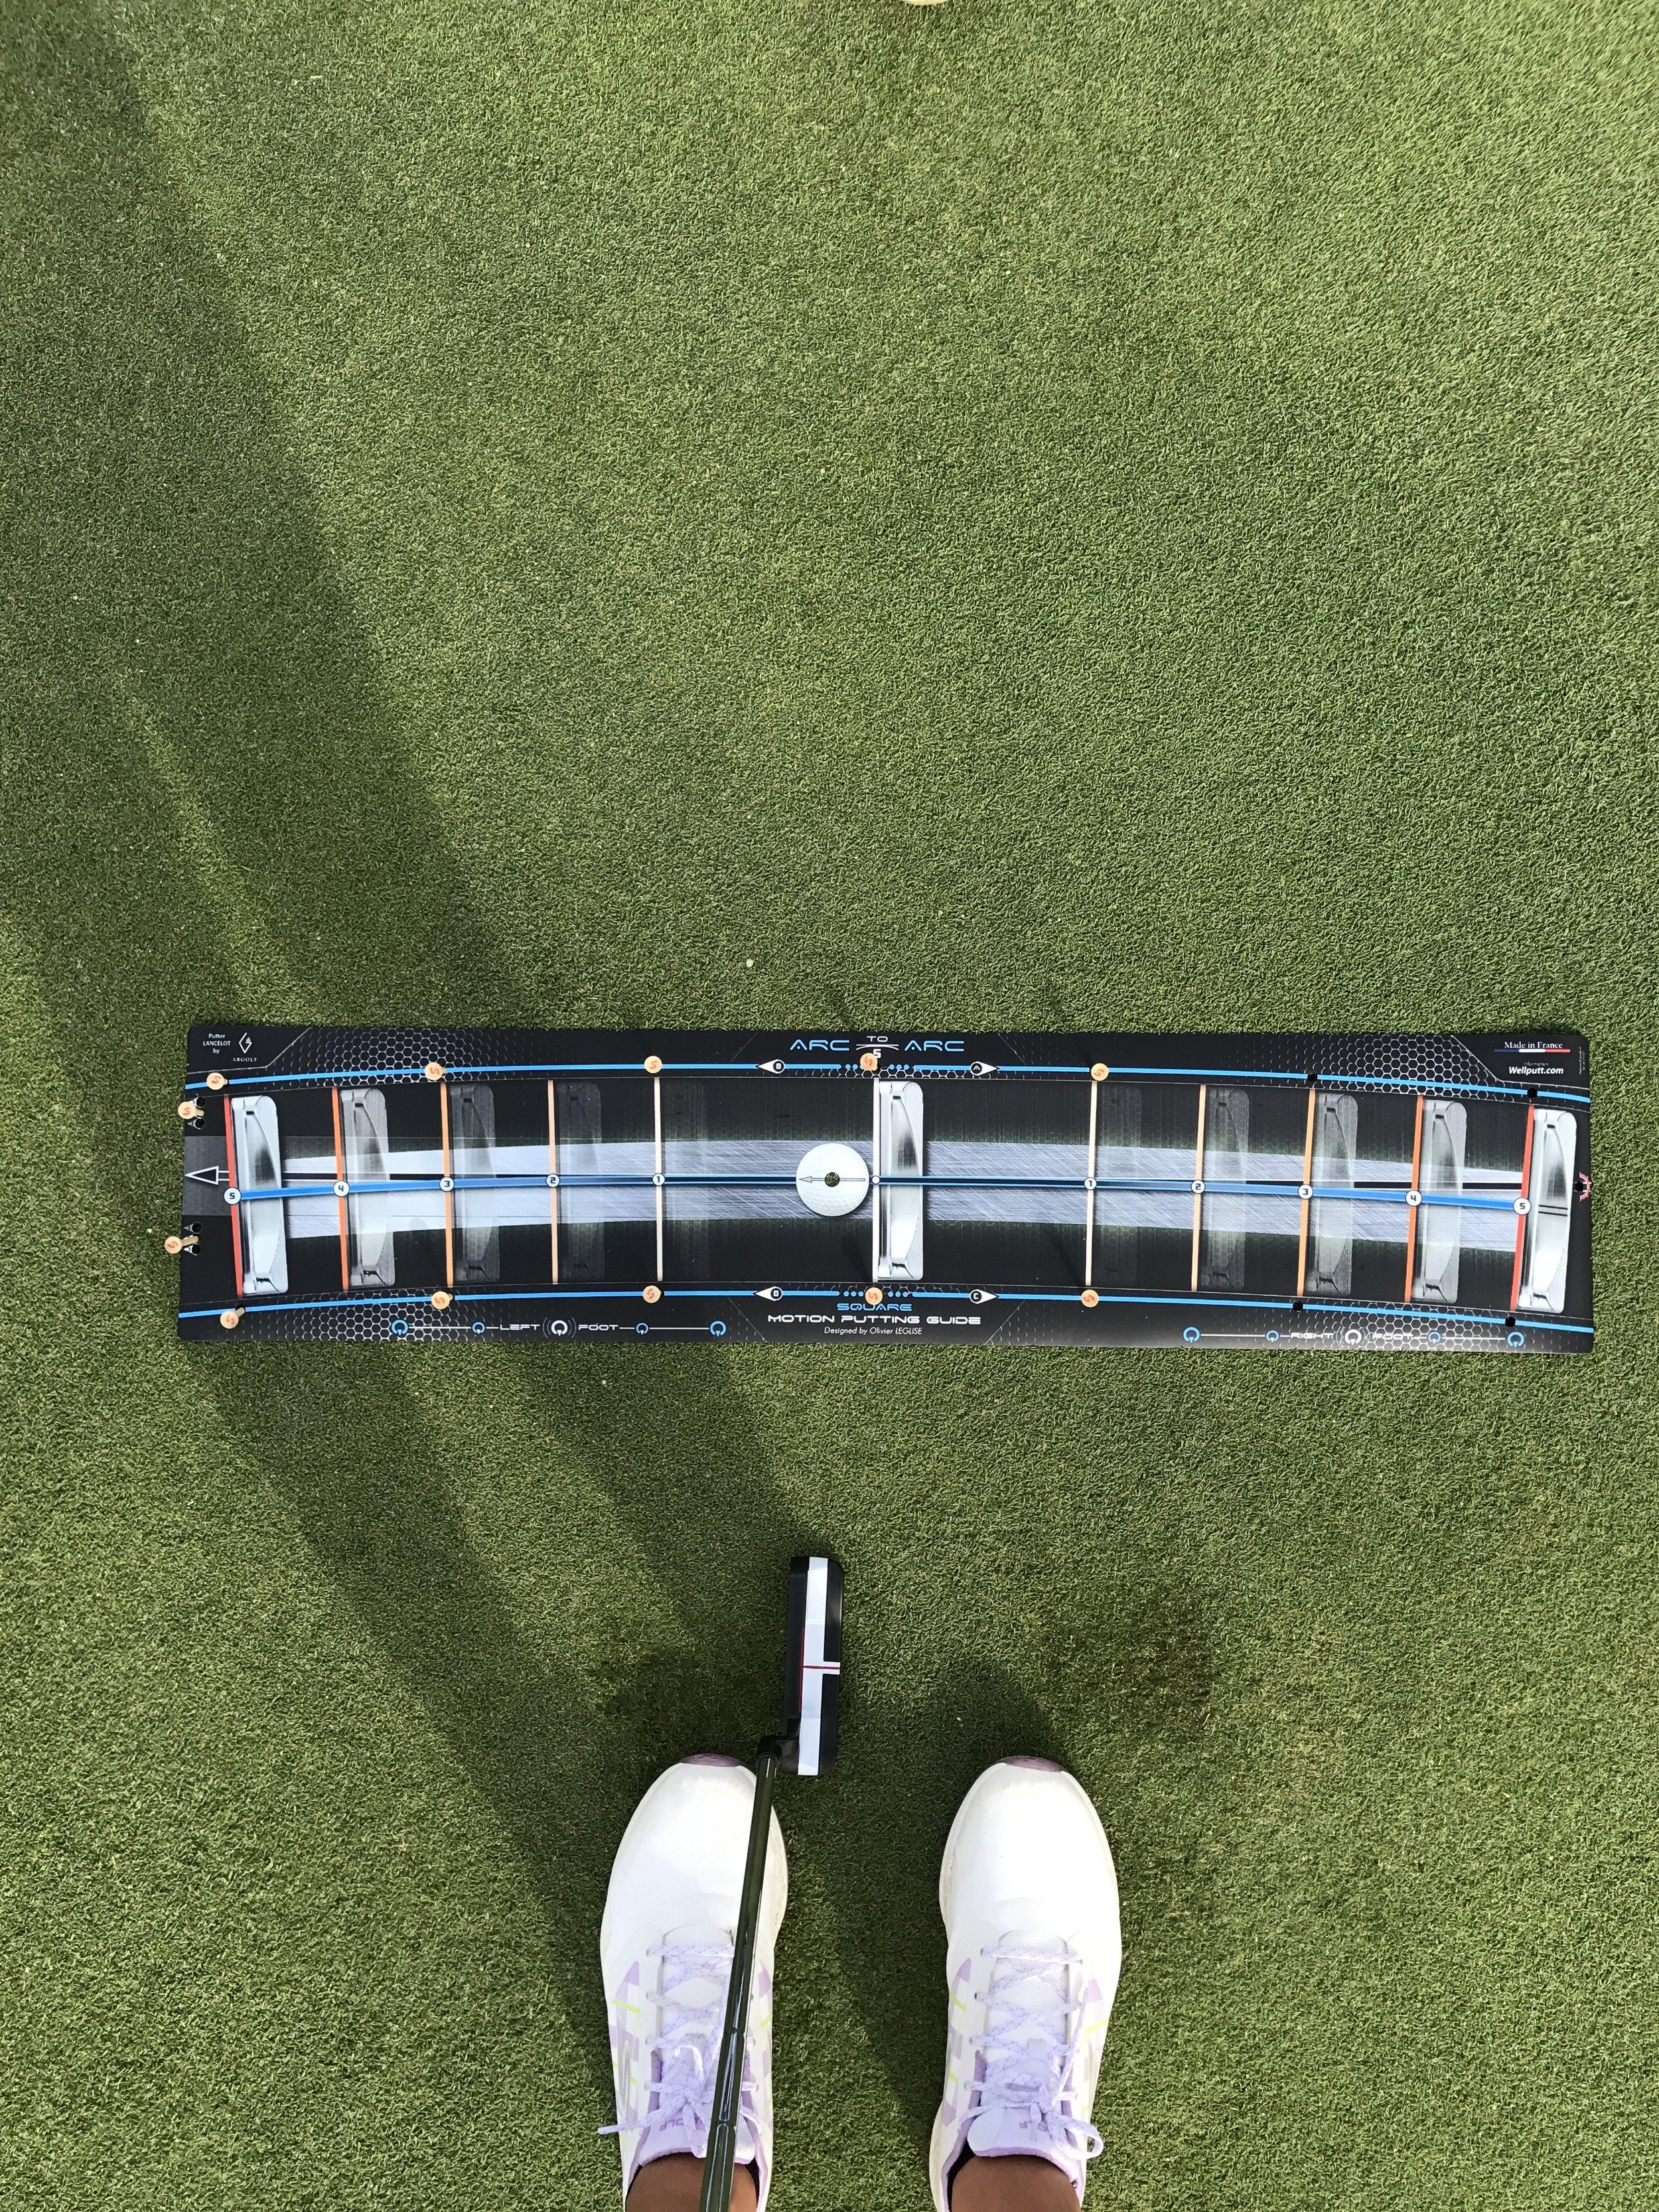 """Hay 3 tipos de WellStroke: STANDARD (6"""" in- 6"""" out),SQUARE (3"""" in- 3"""" out), and LIGHT (6"""" in- 3"""" out). Cada modelo tienes un arco distinto para que haya variedad a la hora de elegir dependiendo de vuestro swing de putt. Ya que el stance y la distance de la bola te de la cantidad de arco necesario.Yo uso el SQUARE."""